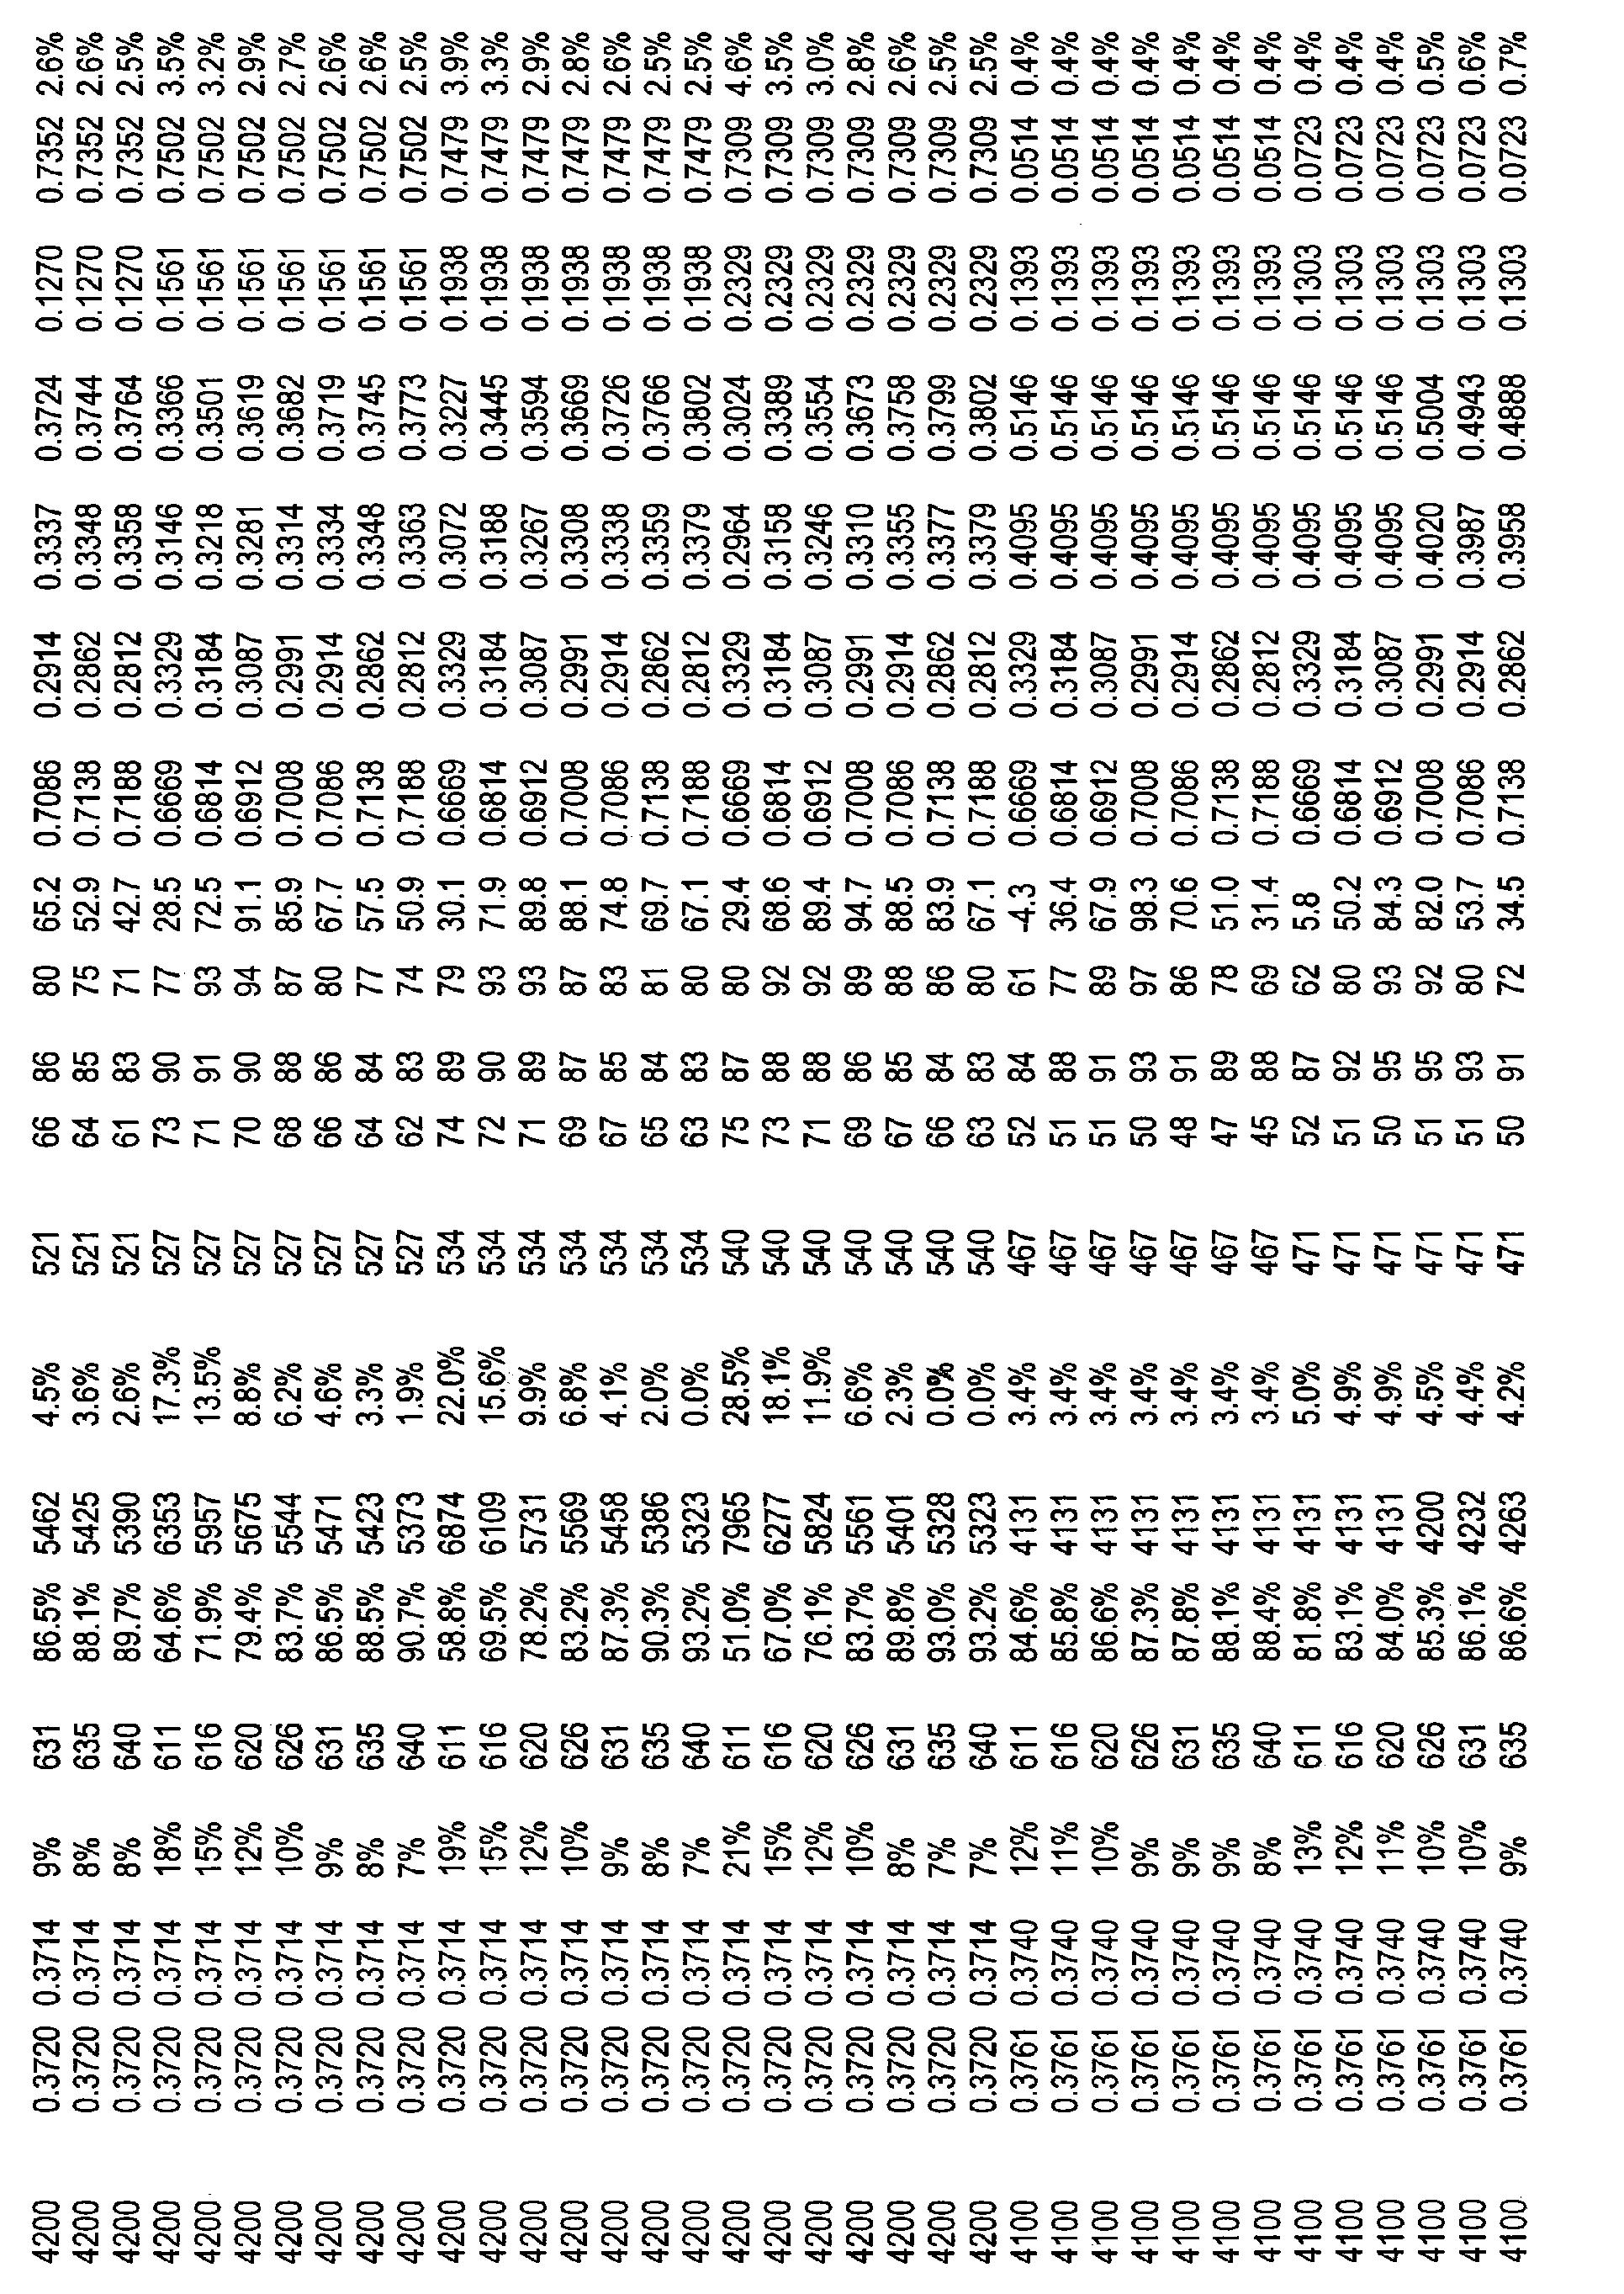 Figure CN101821544BD00871